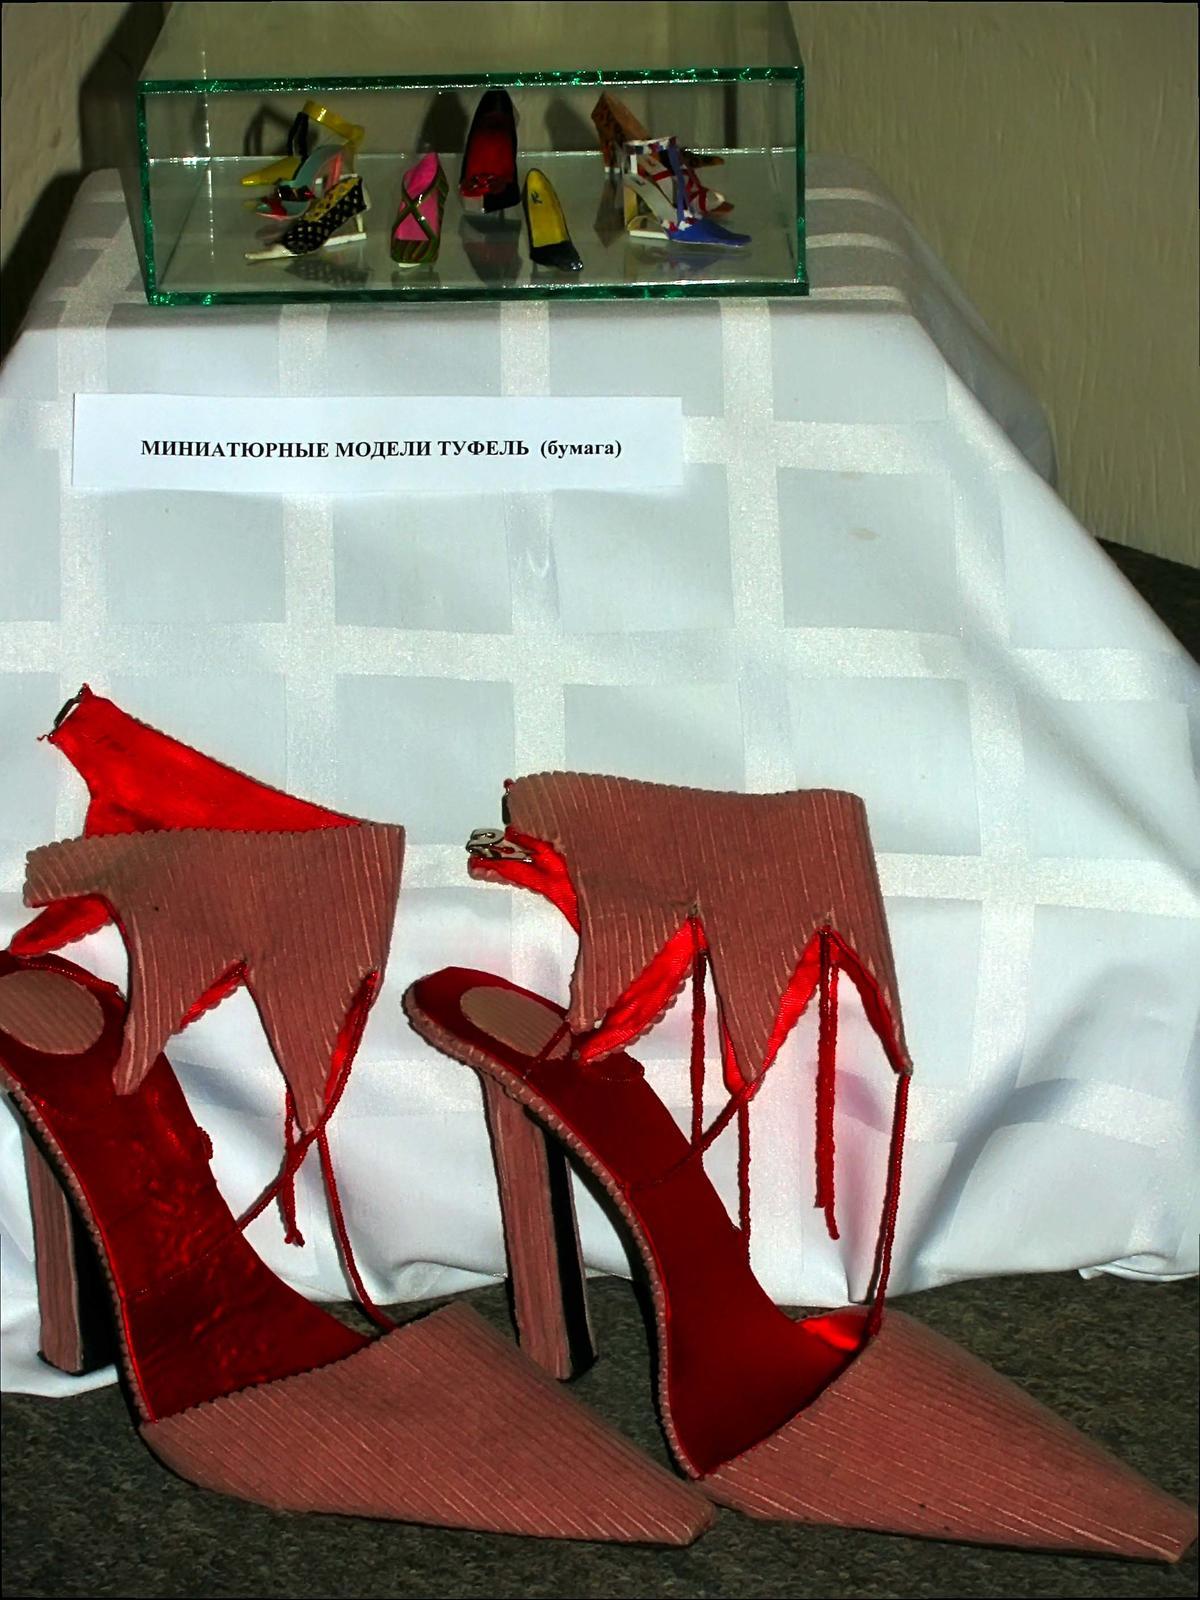 Фото №55343. Миниатюрные модели туфель (в стеклянном коробе)